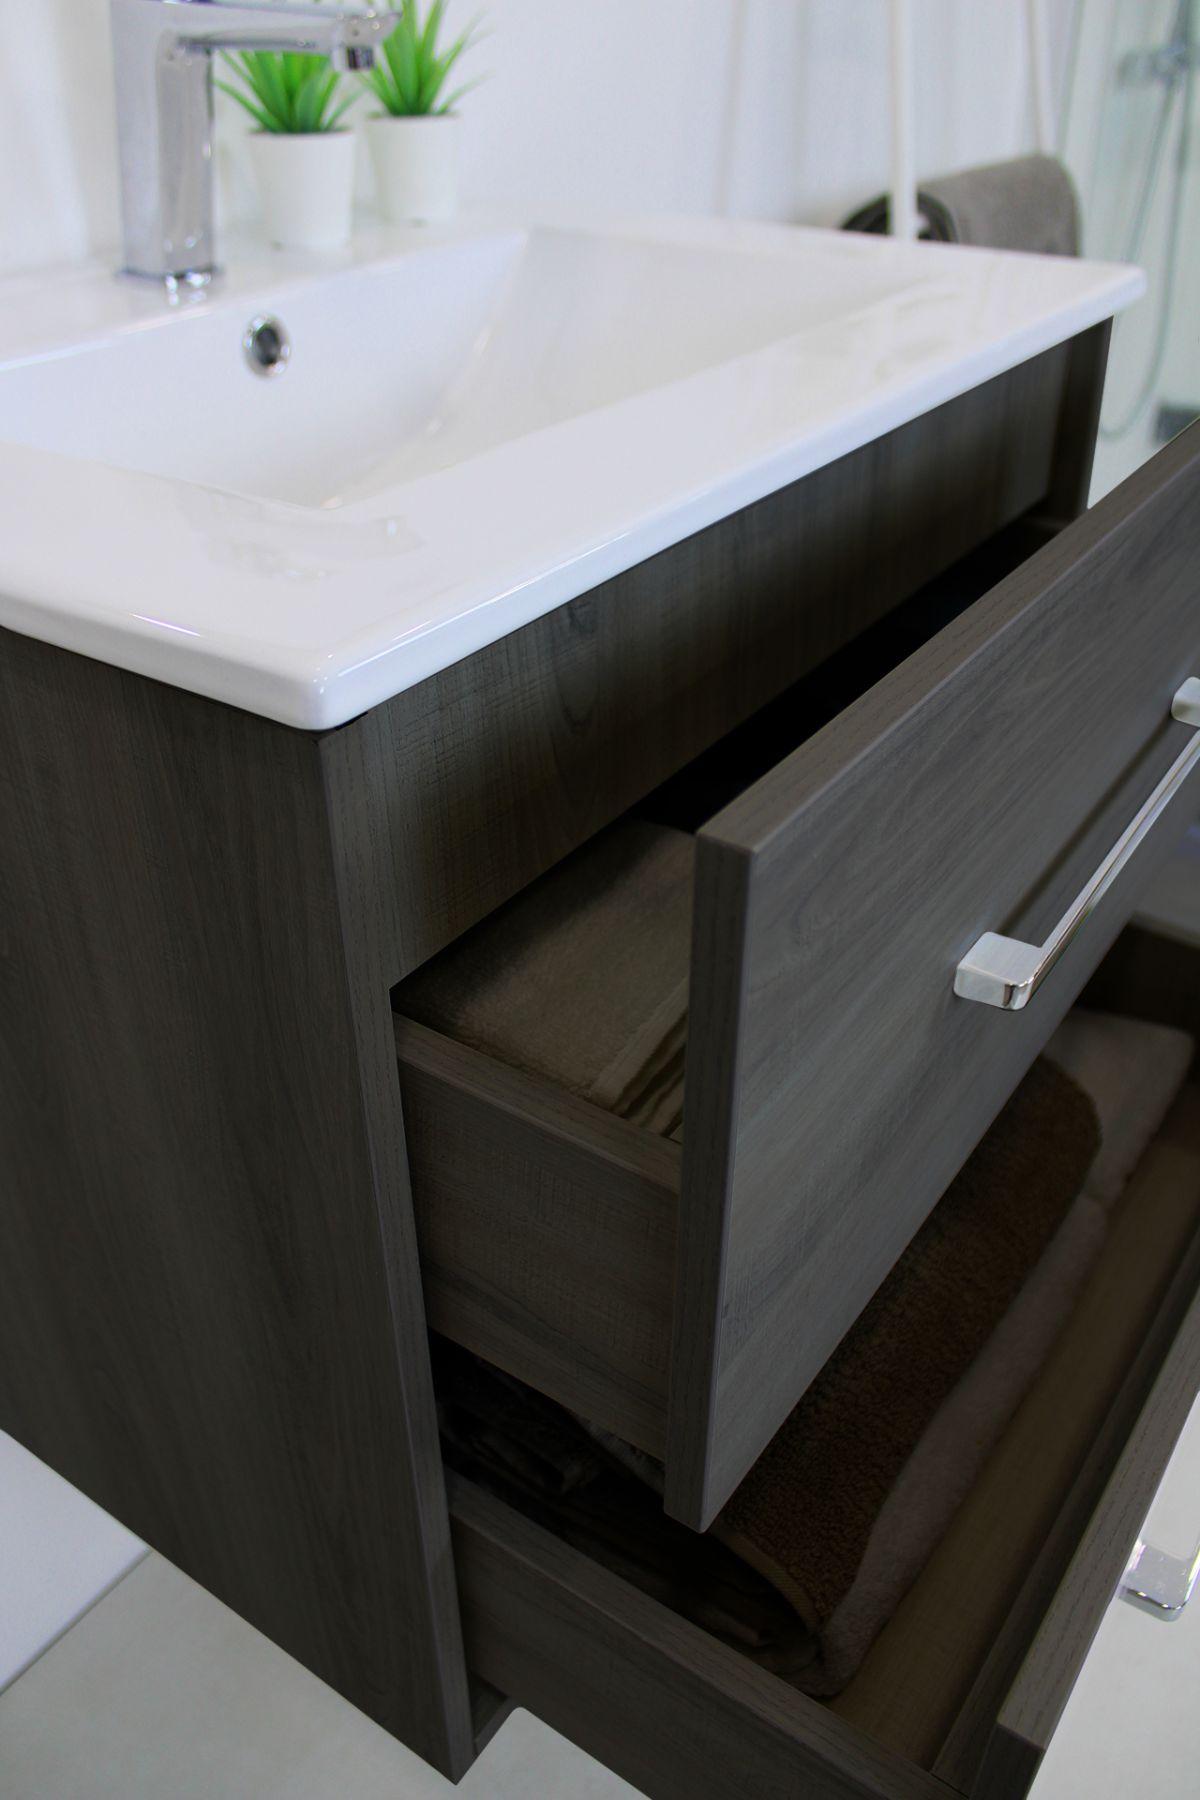 PRAGA 60 grigio LATERALE Mobile bagno Praga sospeso 60 cm grigio effetto legno con lavabo,specchio e colonna pensile